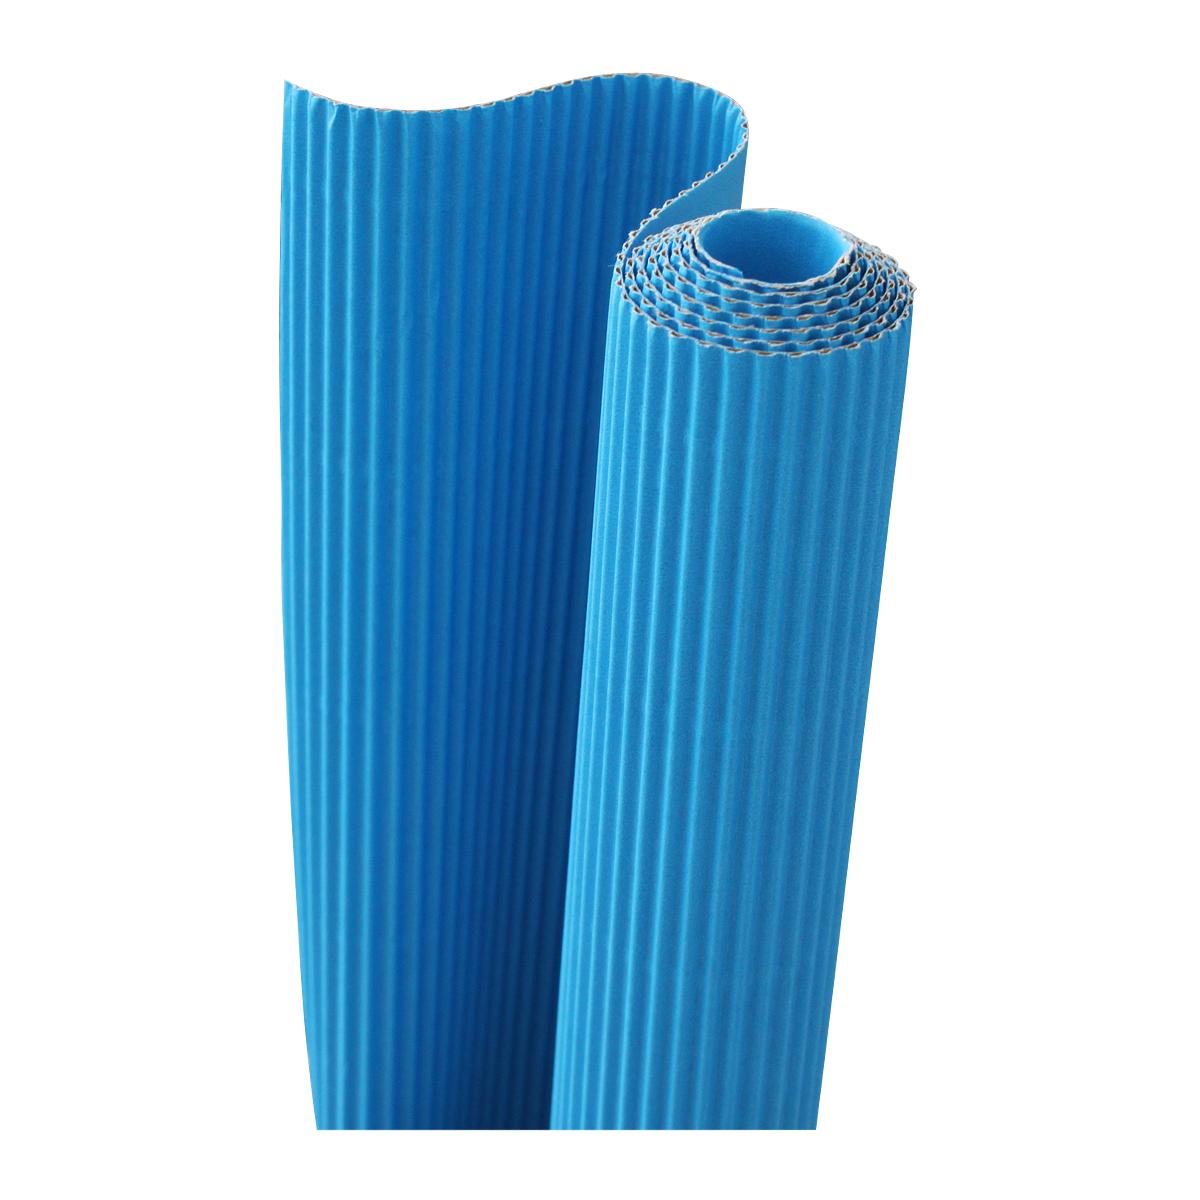 Картон гофрированный Folia, цвет: голубой, 50 х 70 см. 7710888 folia folia sample платье s m синий